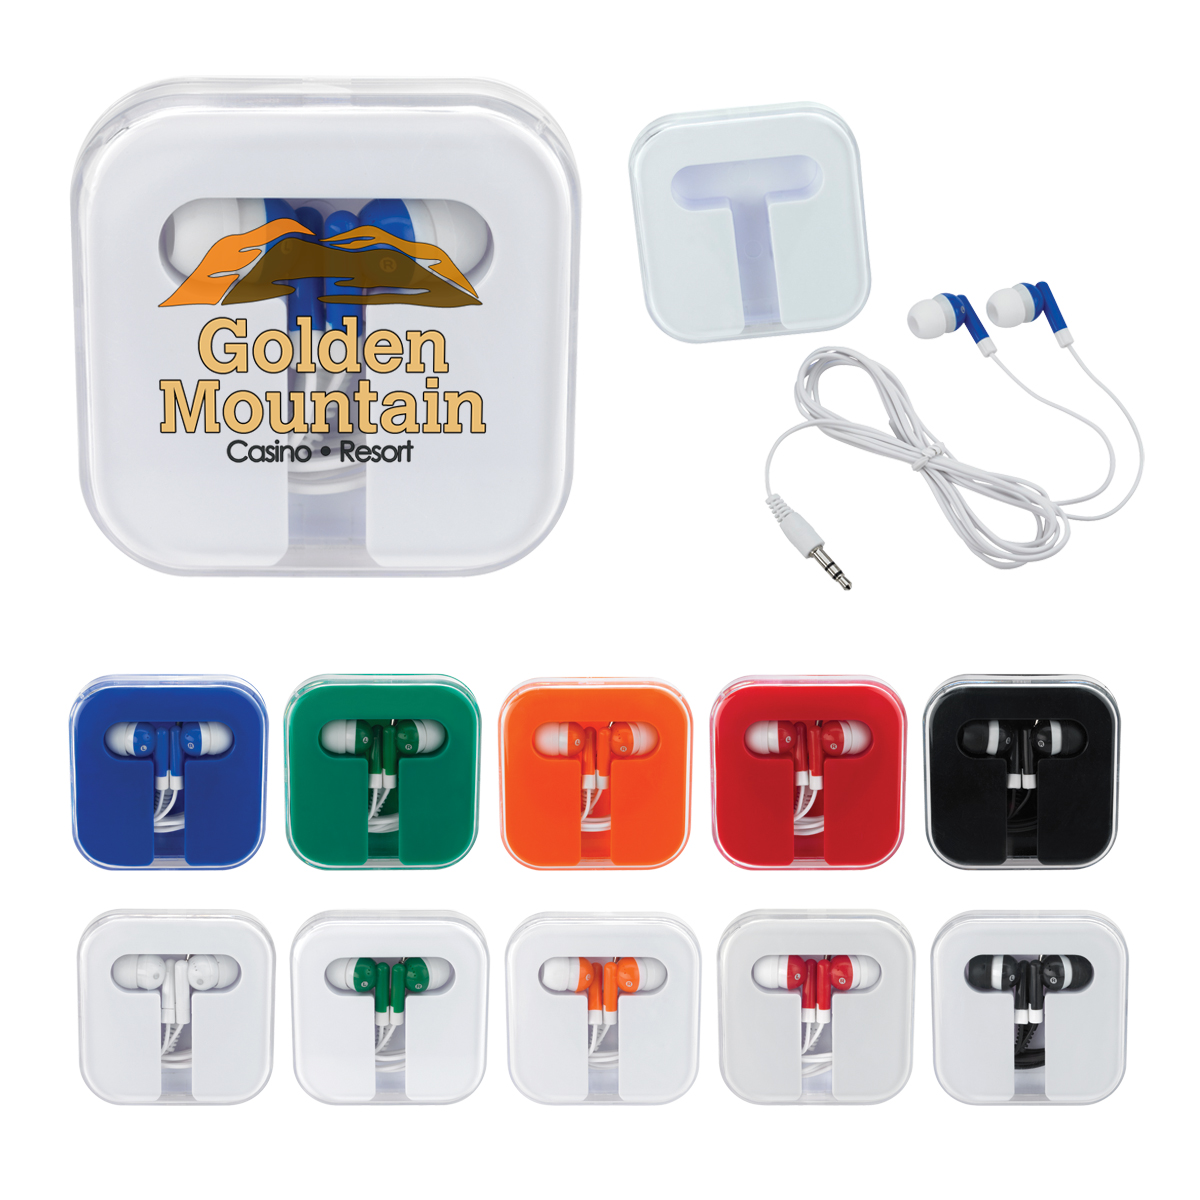 Baru Giveaway Mini Lucu 1.2 Meter Garis 3.5 Mm Plug In-Ear Ponsel Earbud dengan Transparan ABS Plastik Segitiga Earphone Case